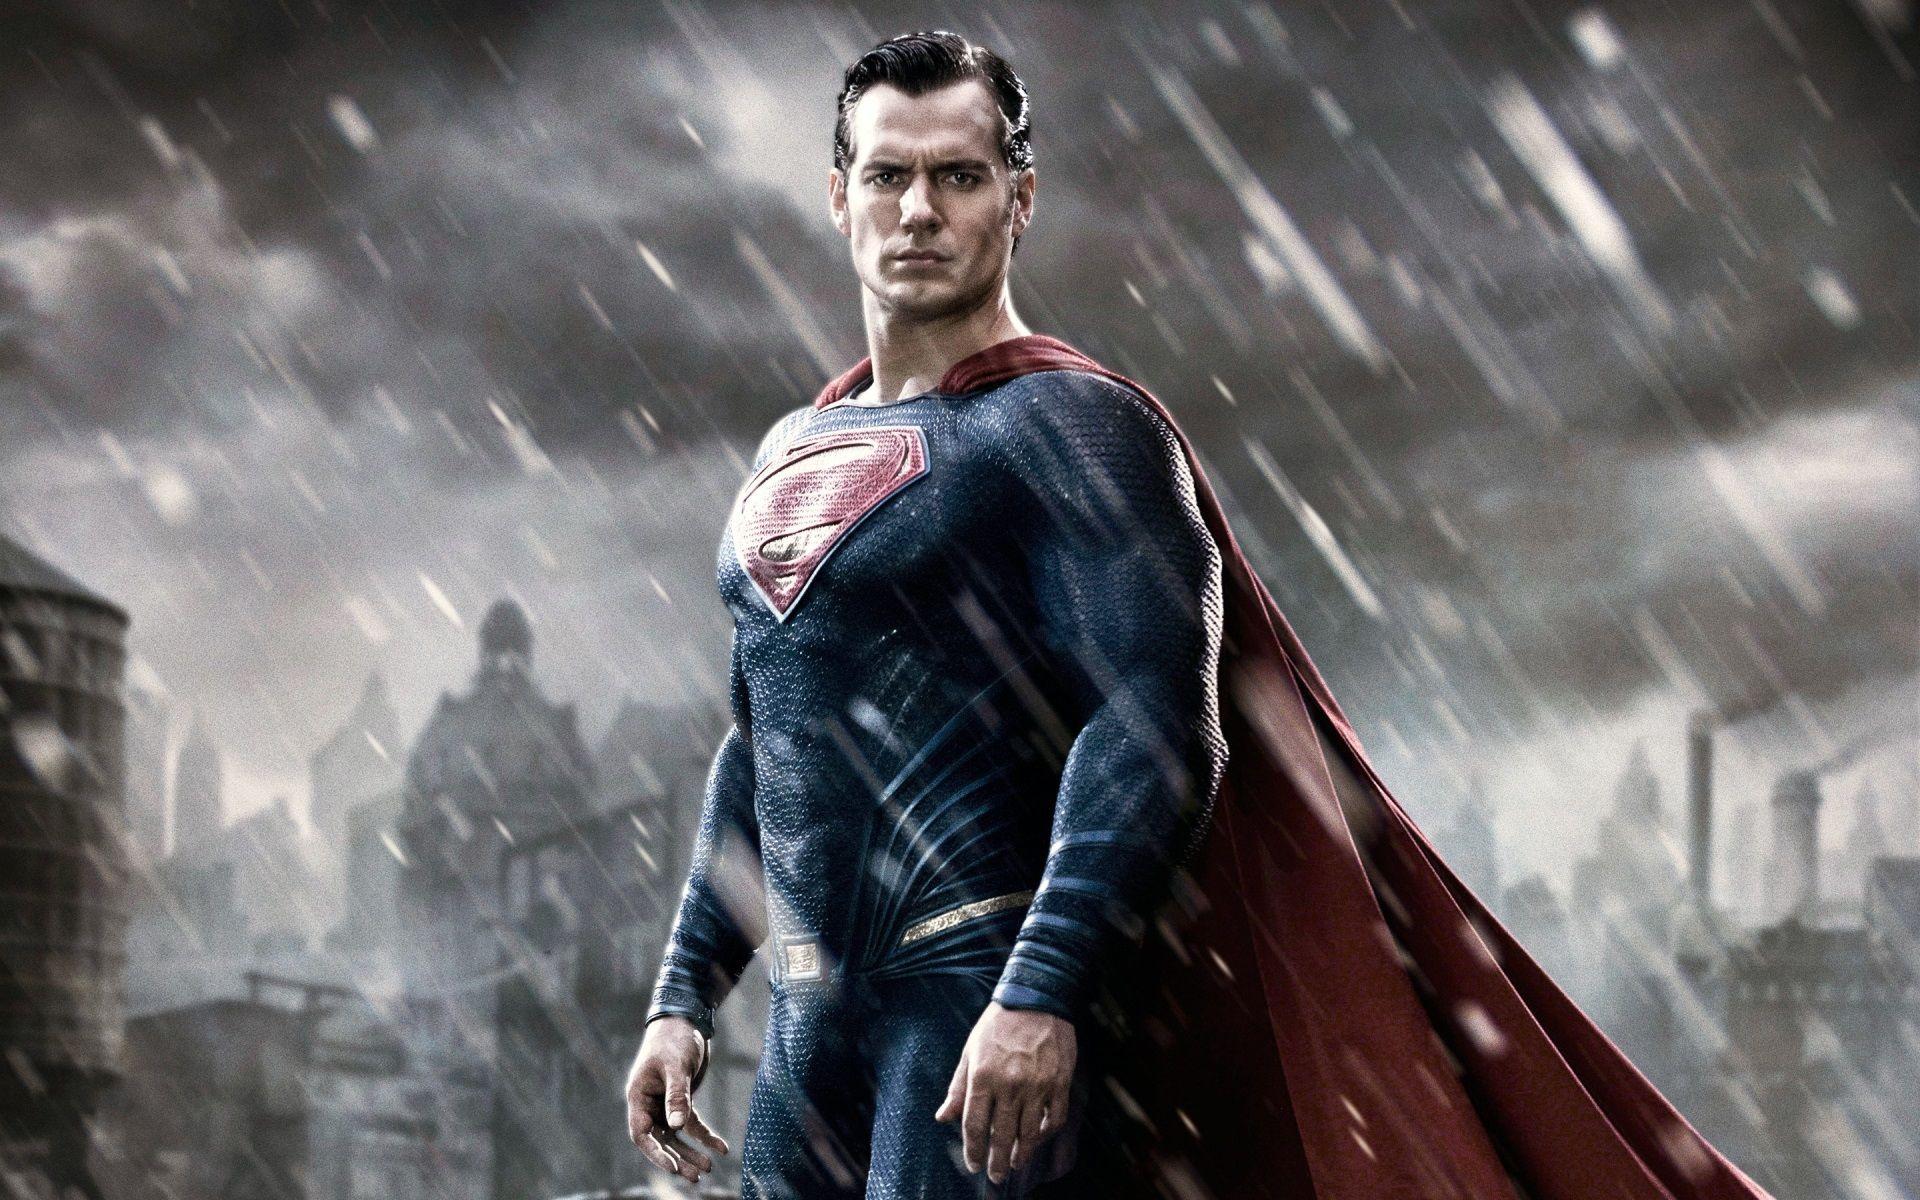 1920x1200 Batman Vs Superman Wallpaper Pack 1080p Hd